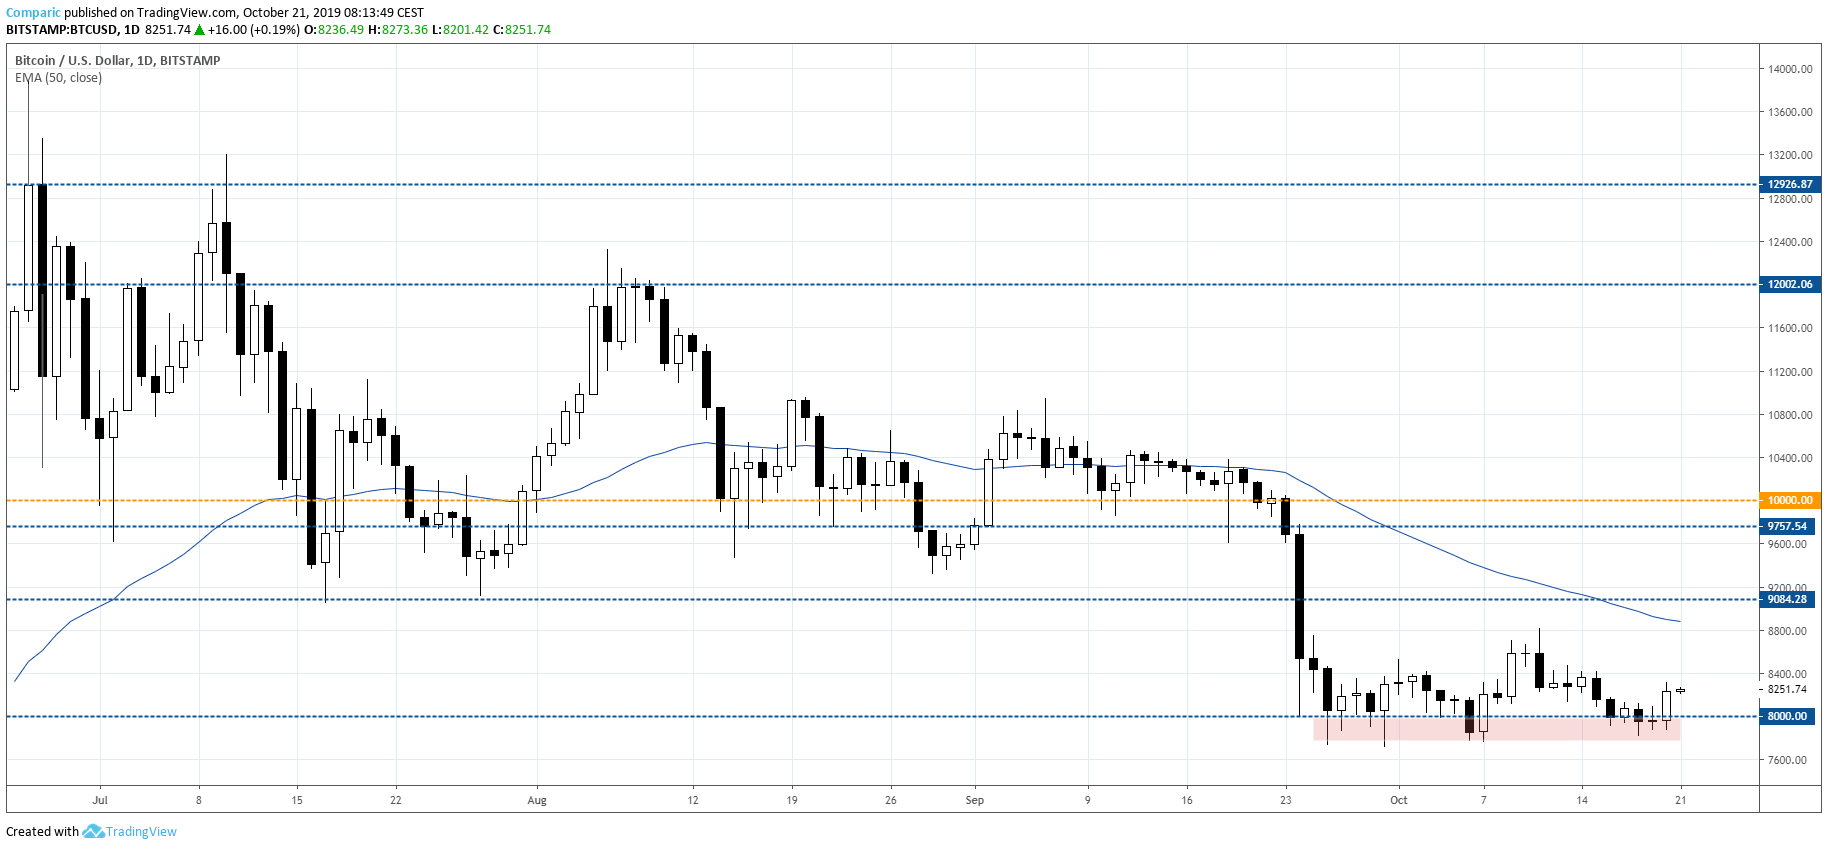 Bitcoin odbija w niedzielę, do silniejszej korekty jednak nadal daleko. Źródło: Tradingview.com